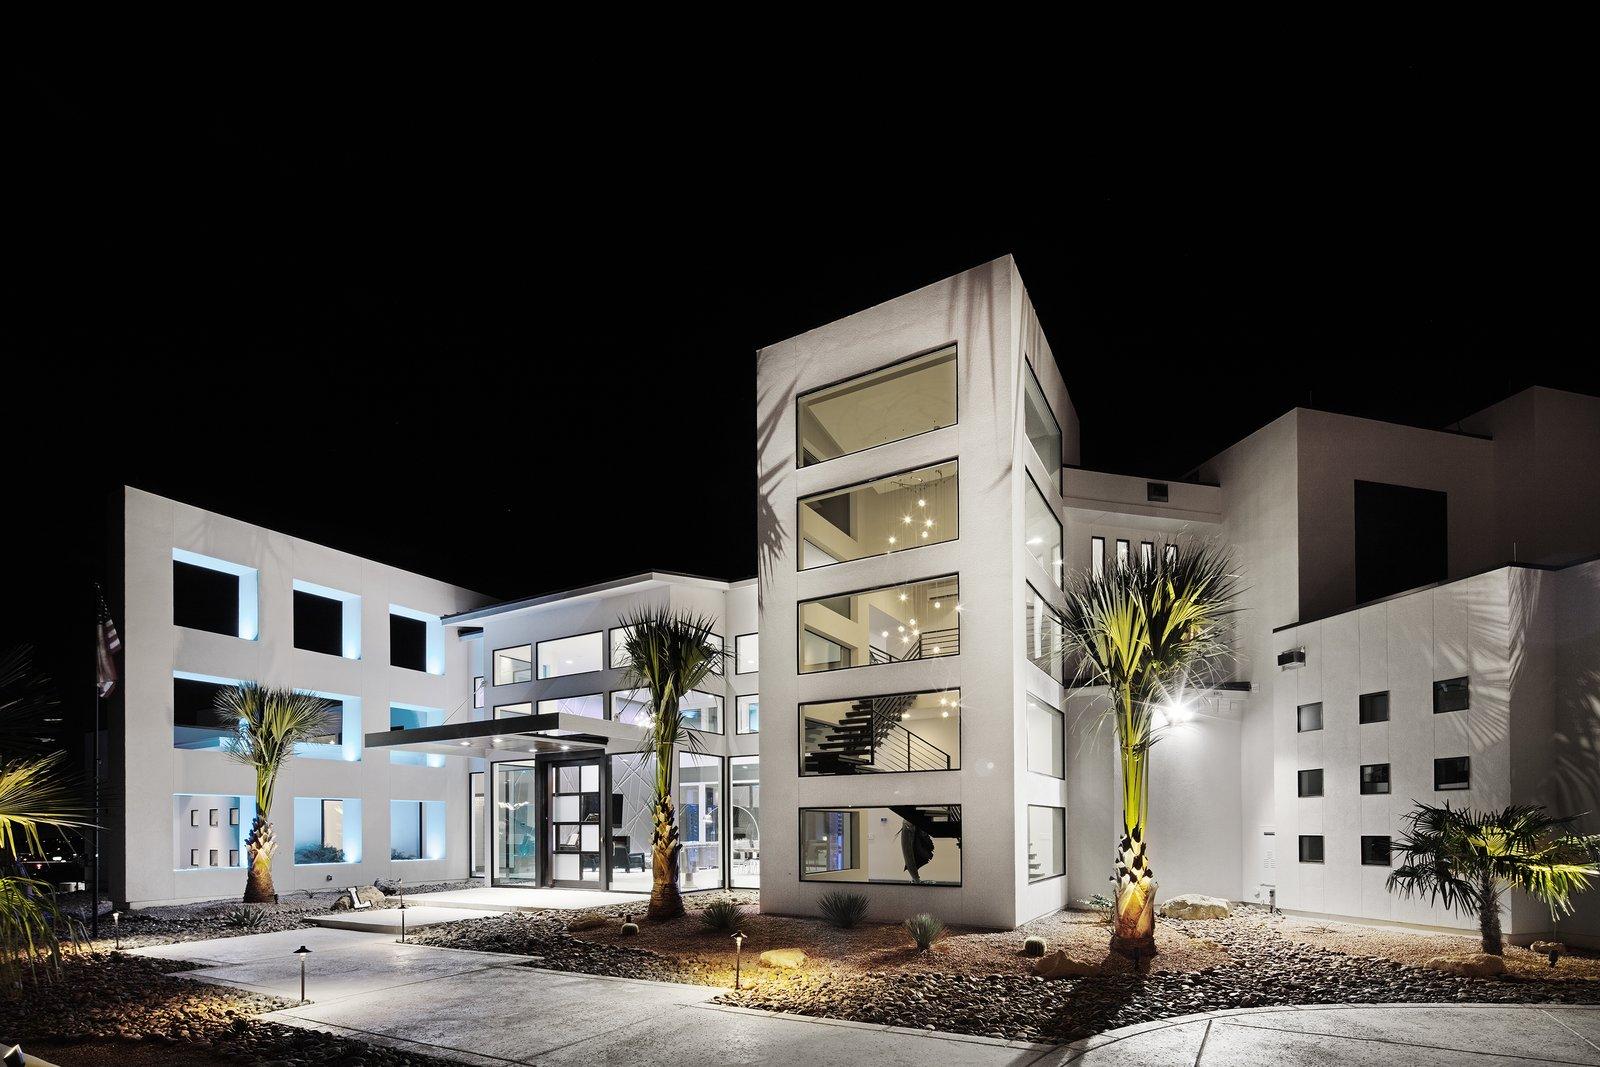 FRONT FACADE  ALTURA HOUSE by OSCAR E FLORES DESIGN STUDIO